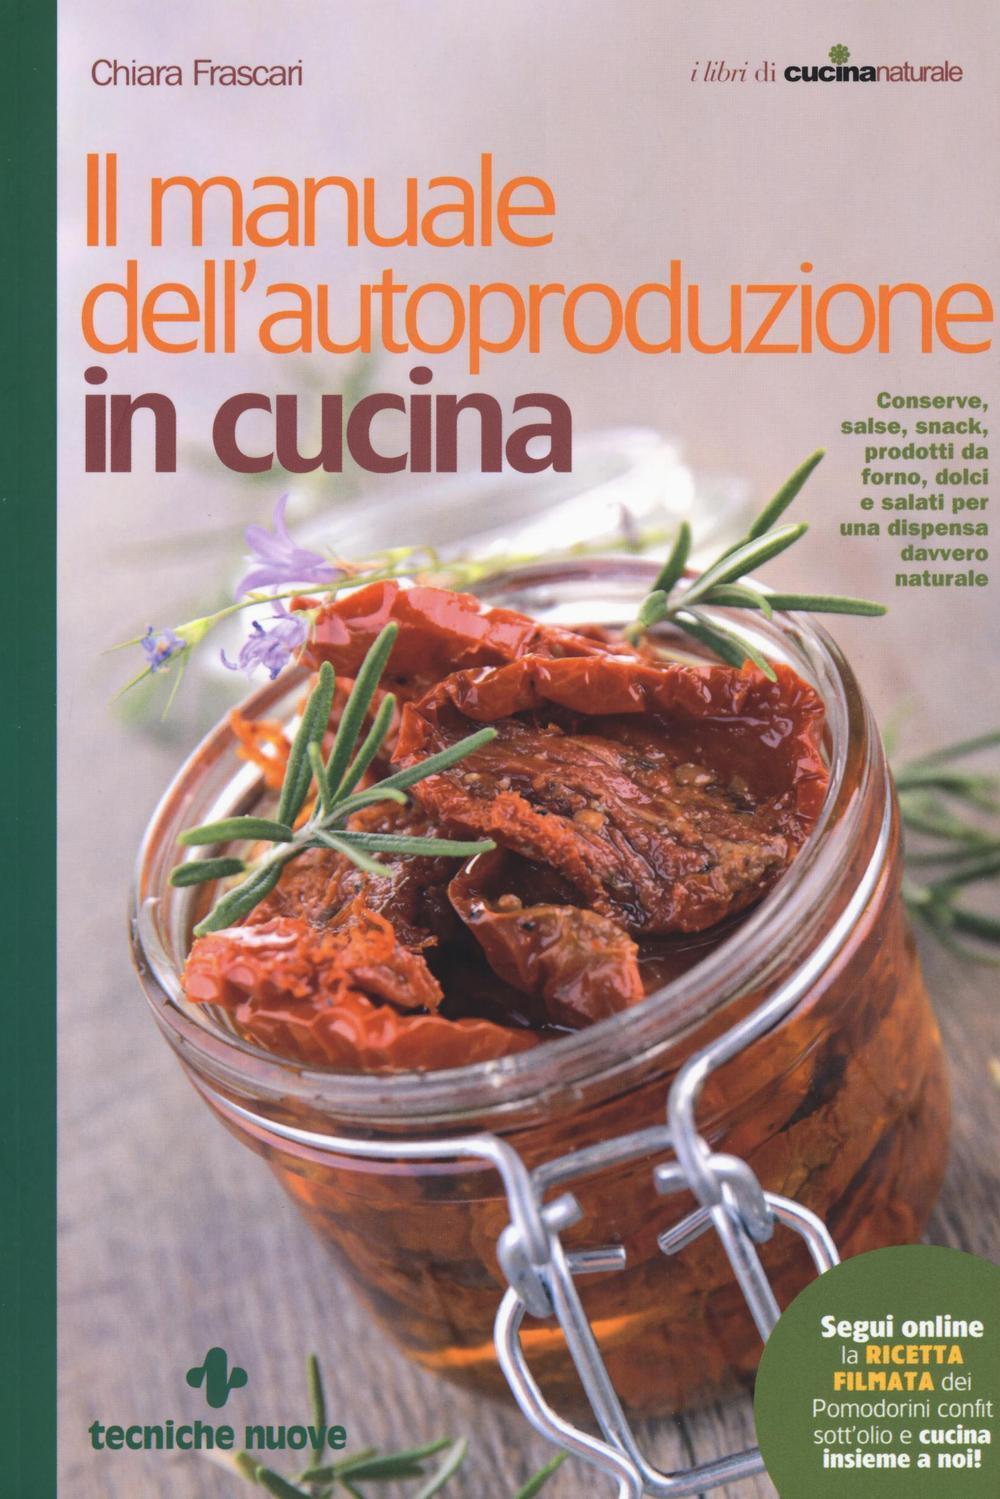 Il manuale dell 39 autoproduzione in cucina chiara frascari libro tecniche nuove le guide - Manuale di cucina professionale pdf ...